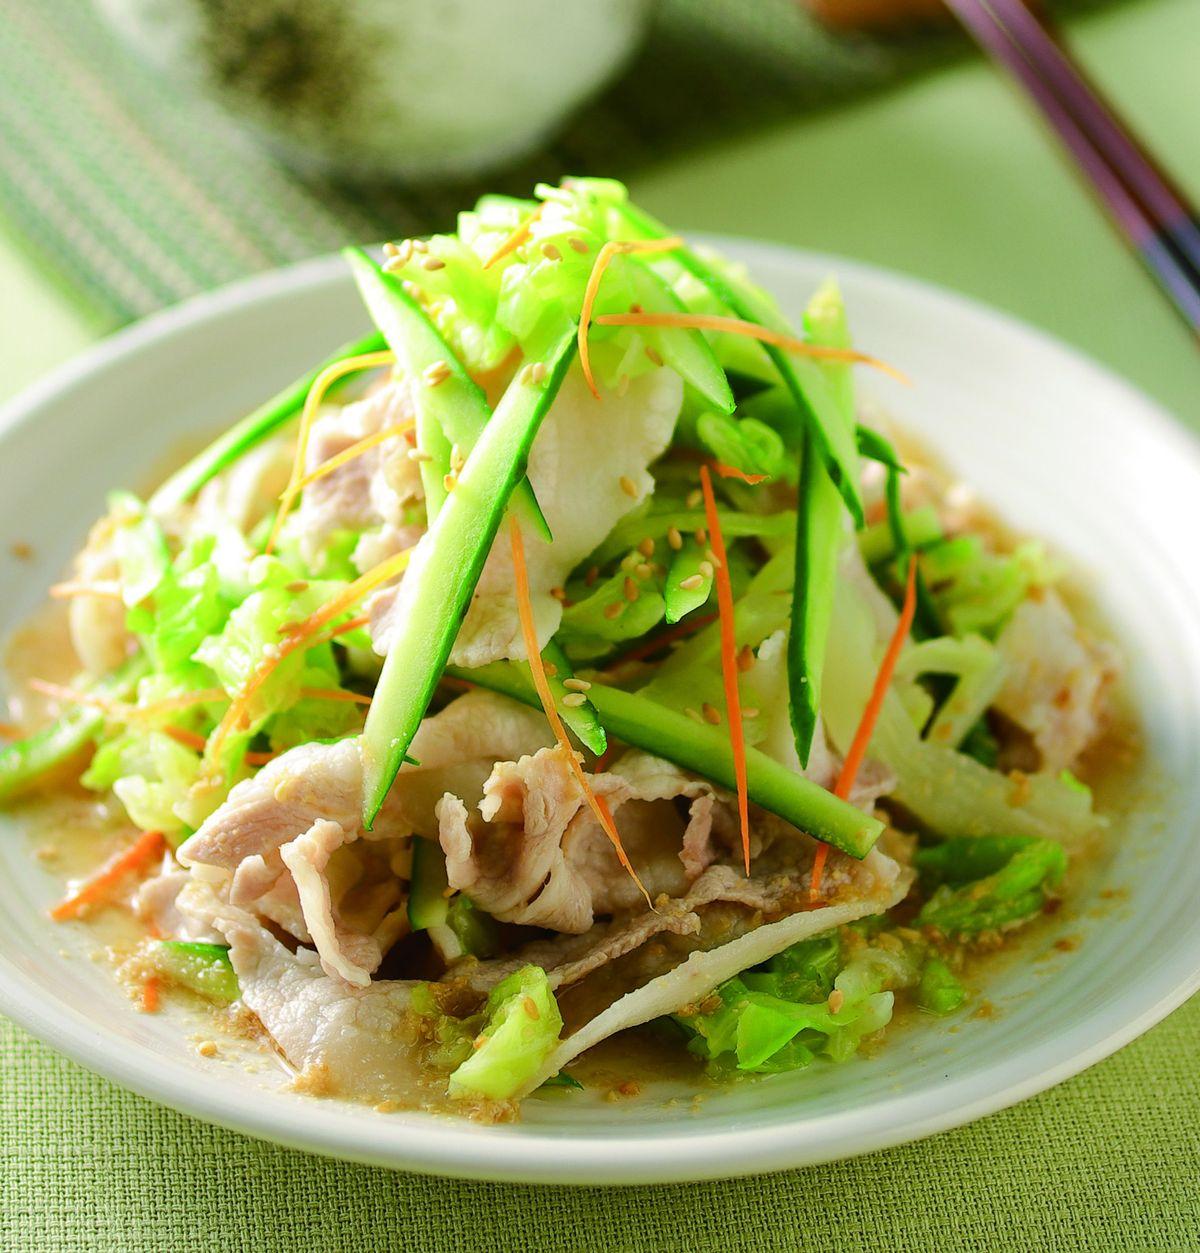 食譜:冷涮涮豬肉